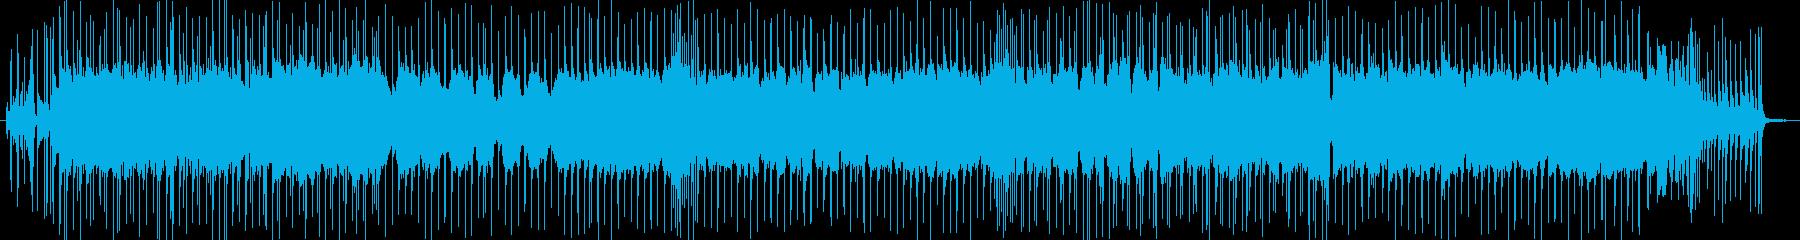 ブルースロック・ギターインストの再生済みの波形